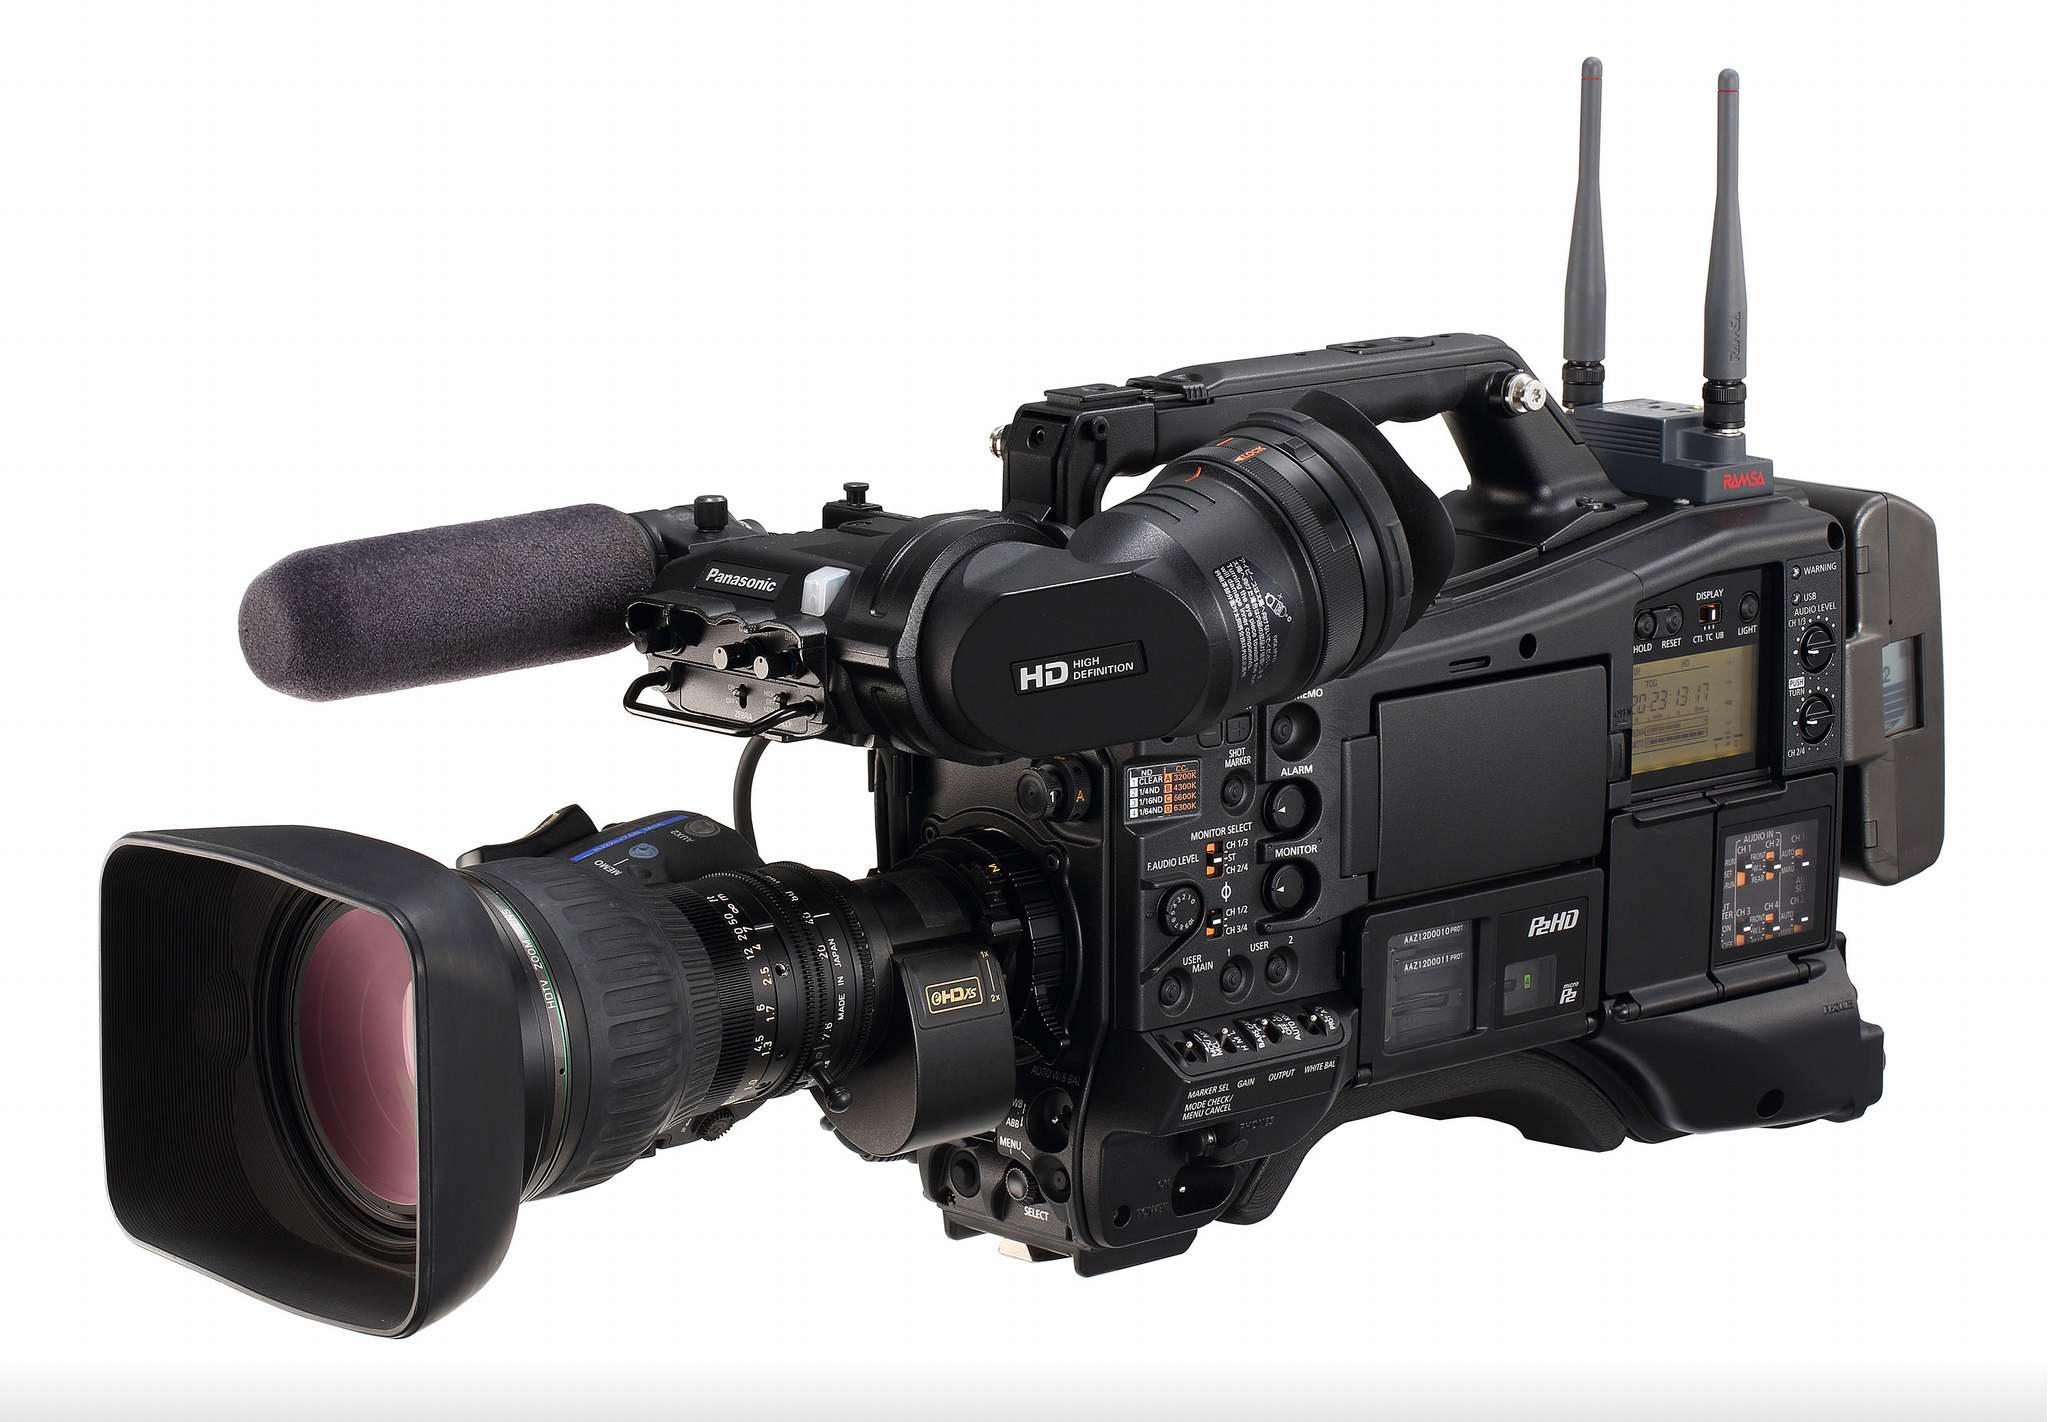 放送カメラ用CAC(色収差補正)技術の開発でエミー賞(R)を受賞~米国テレビ芸術科学アカデミーより、テレビ技術の発展・貢献に対して授与。パナソニック17回目の受賞